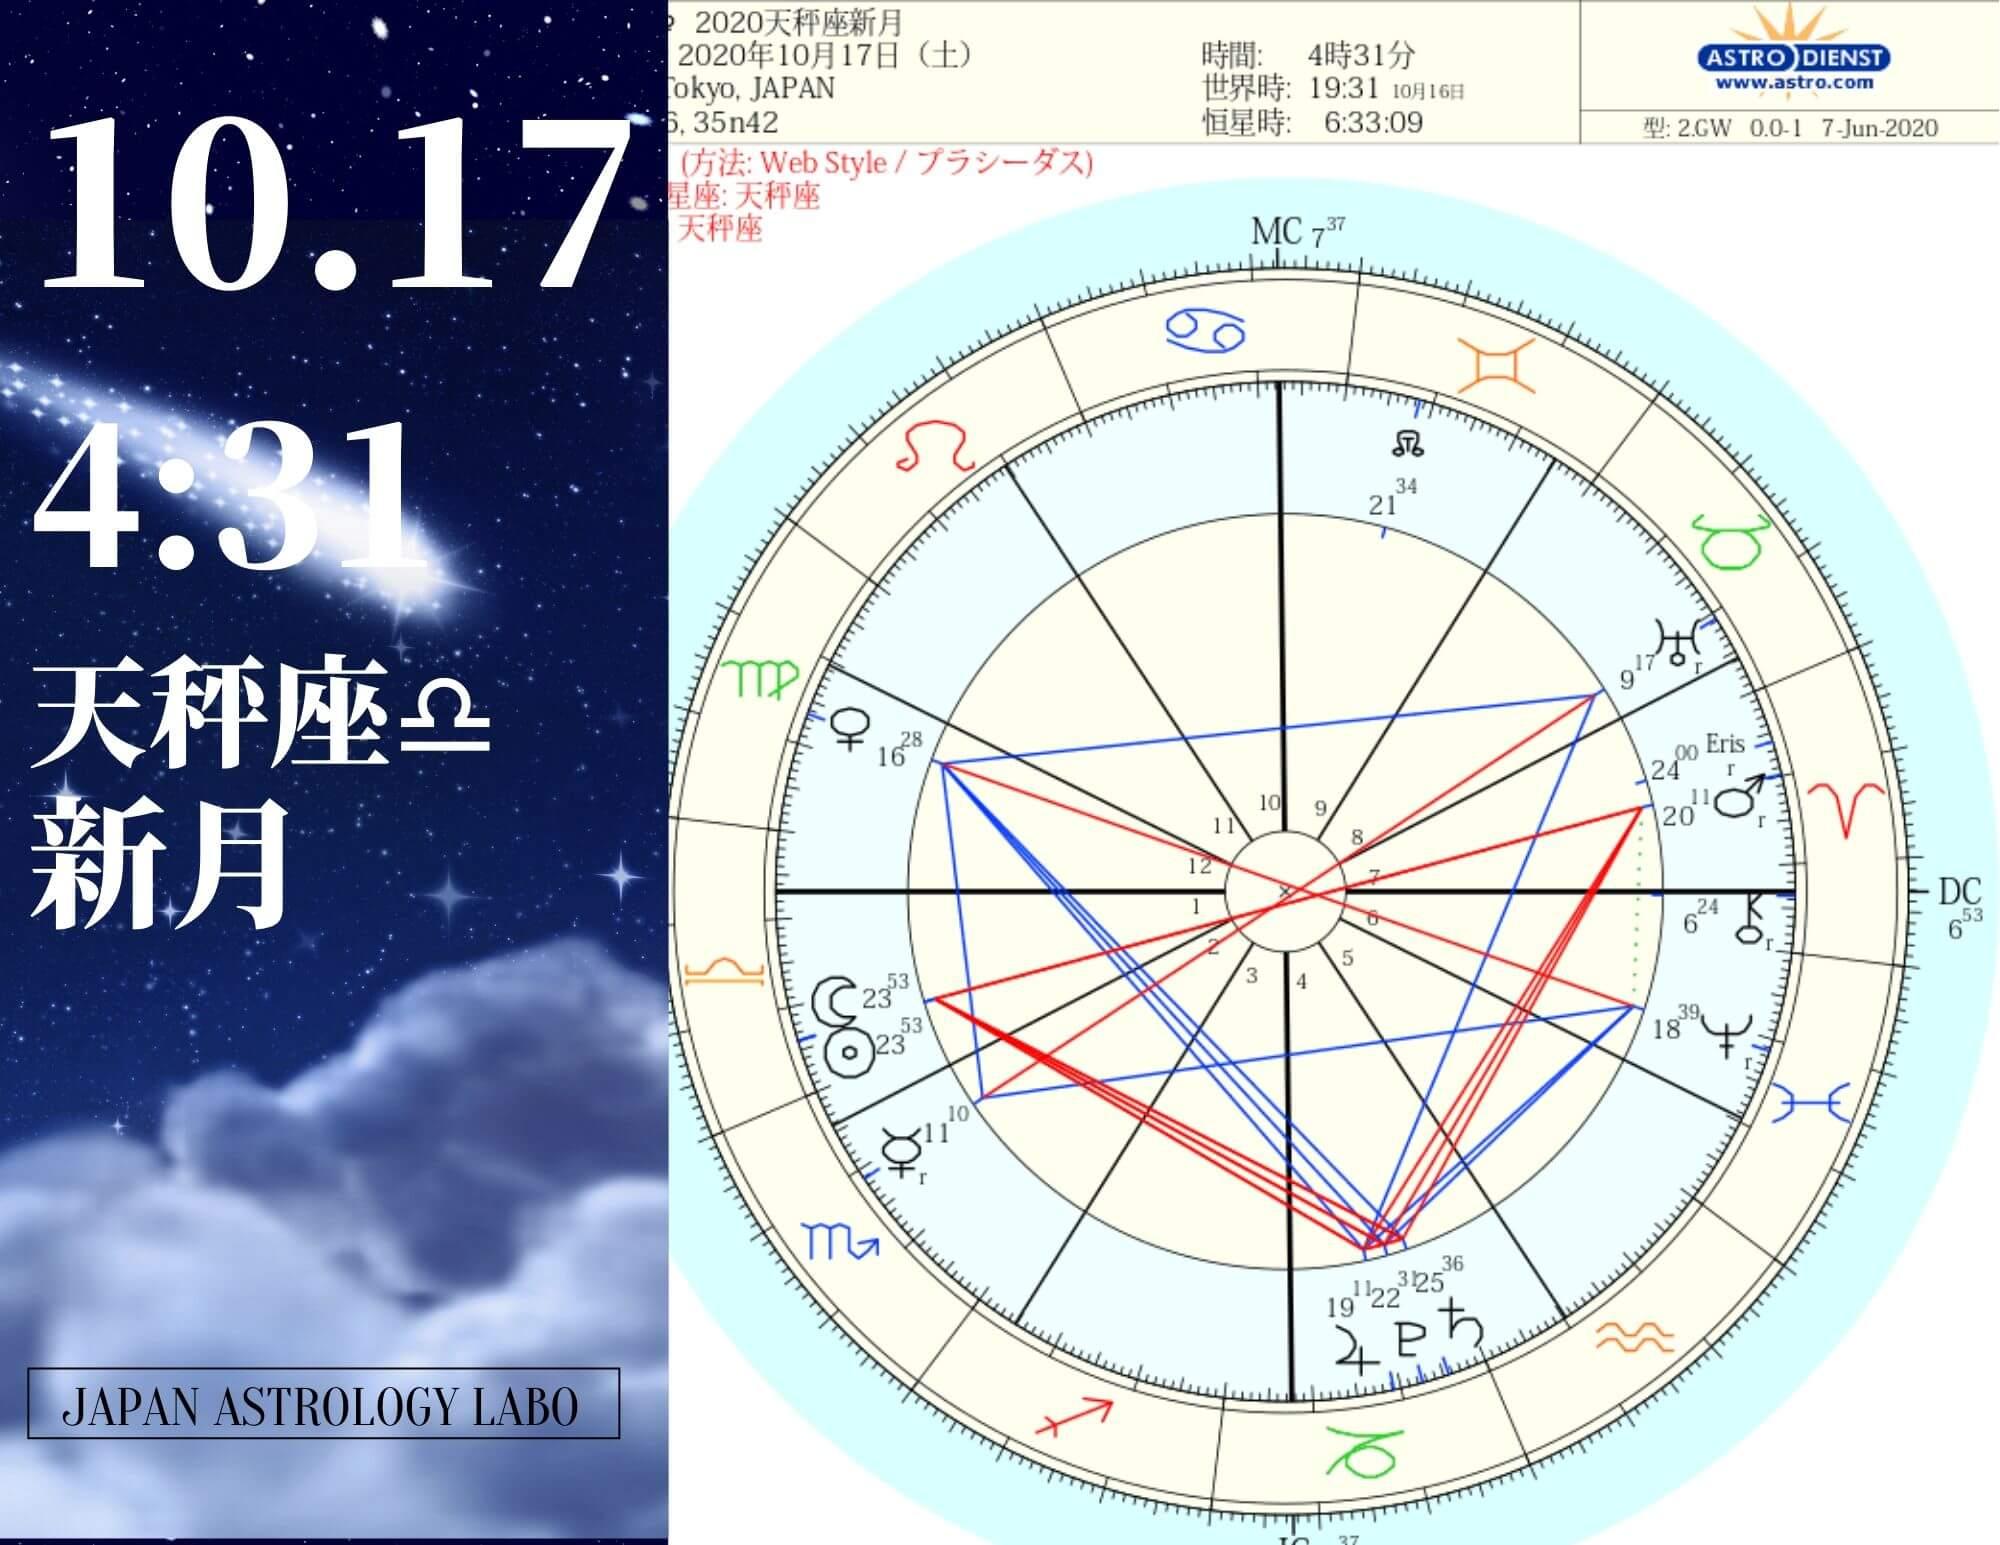 2020年10月17日天秤座新月